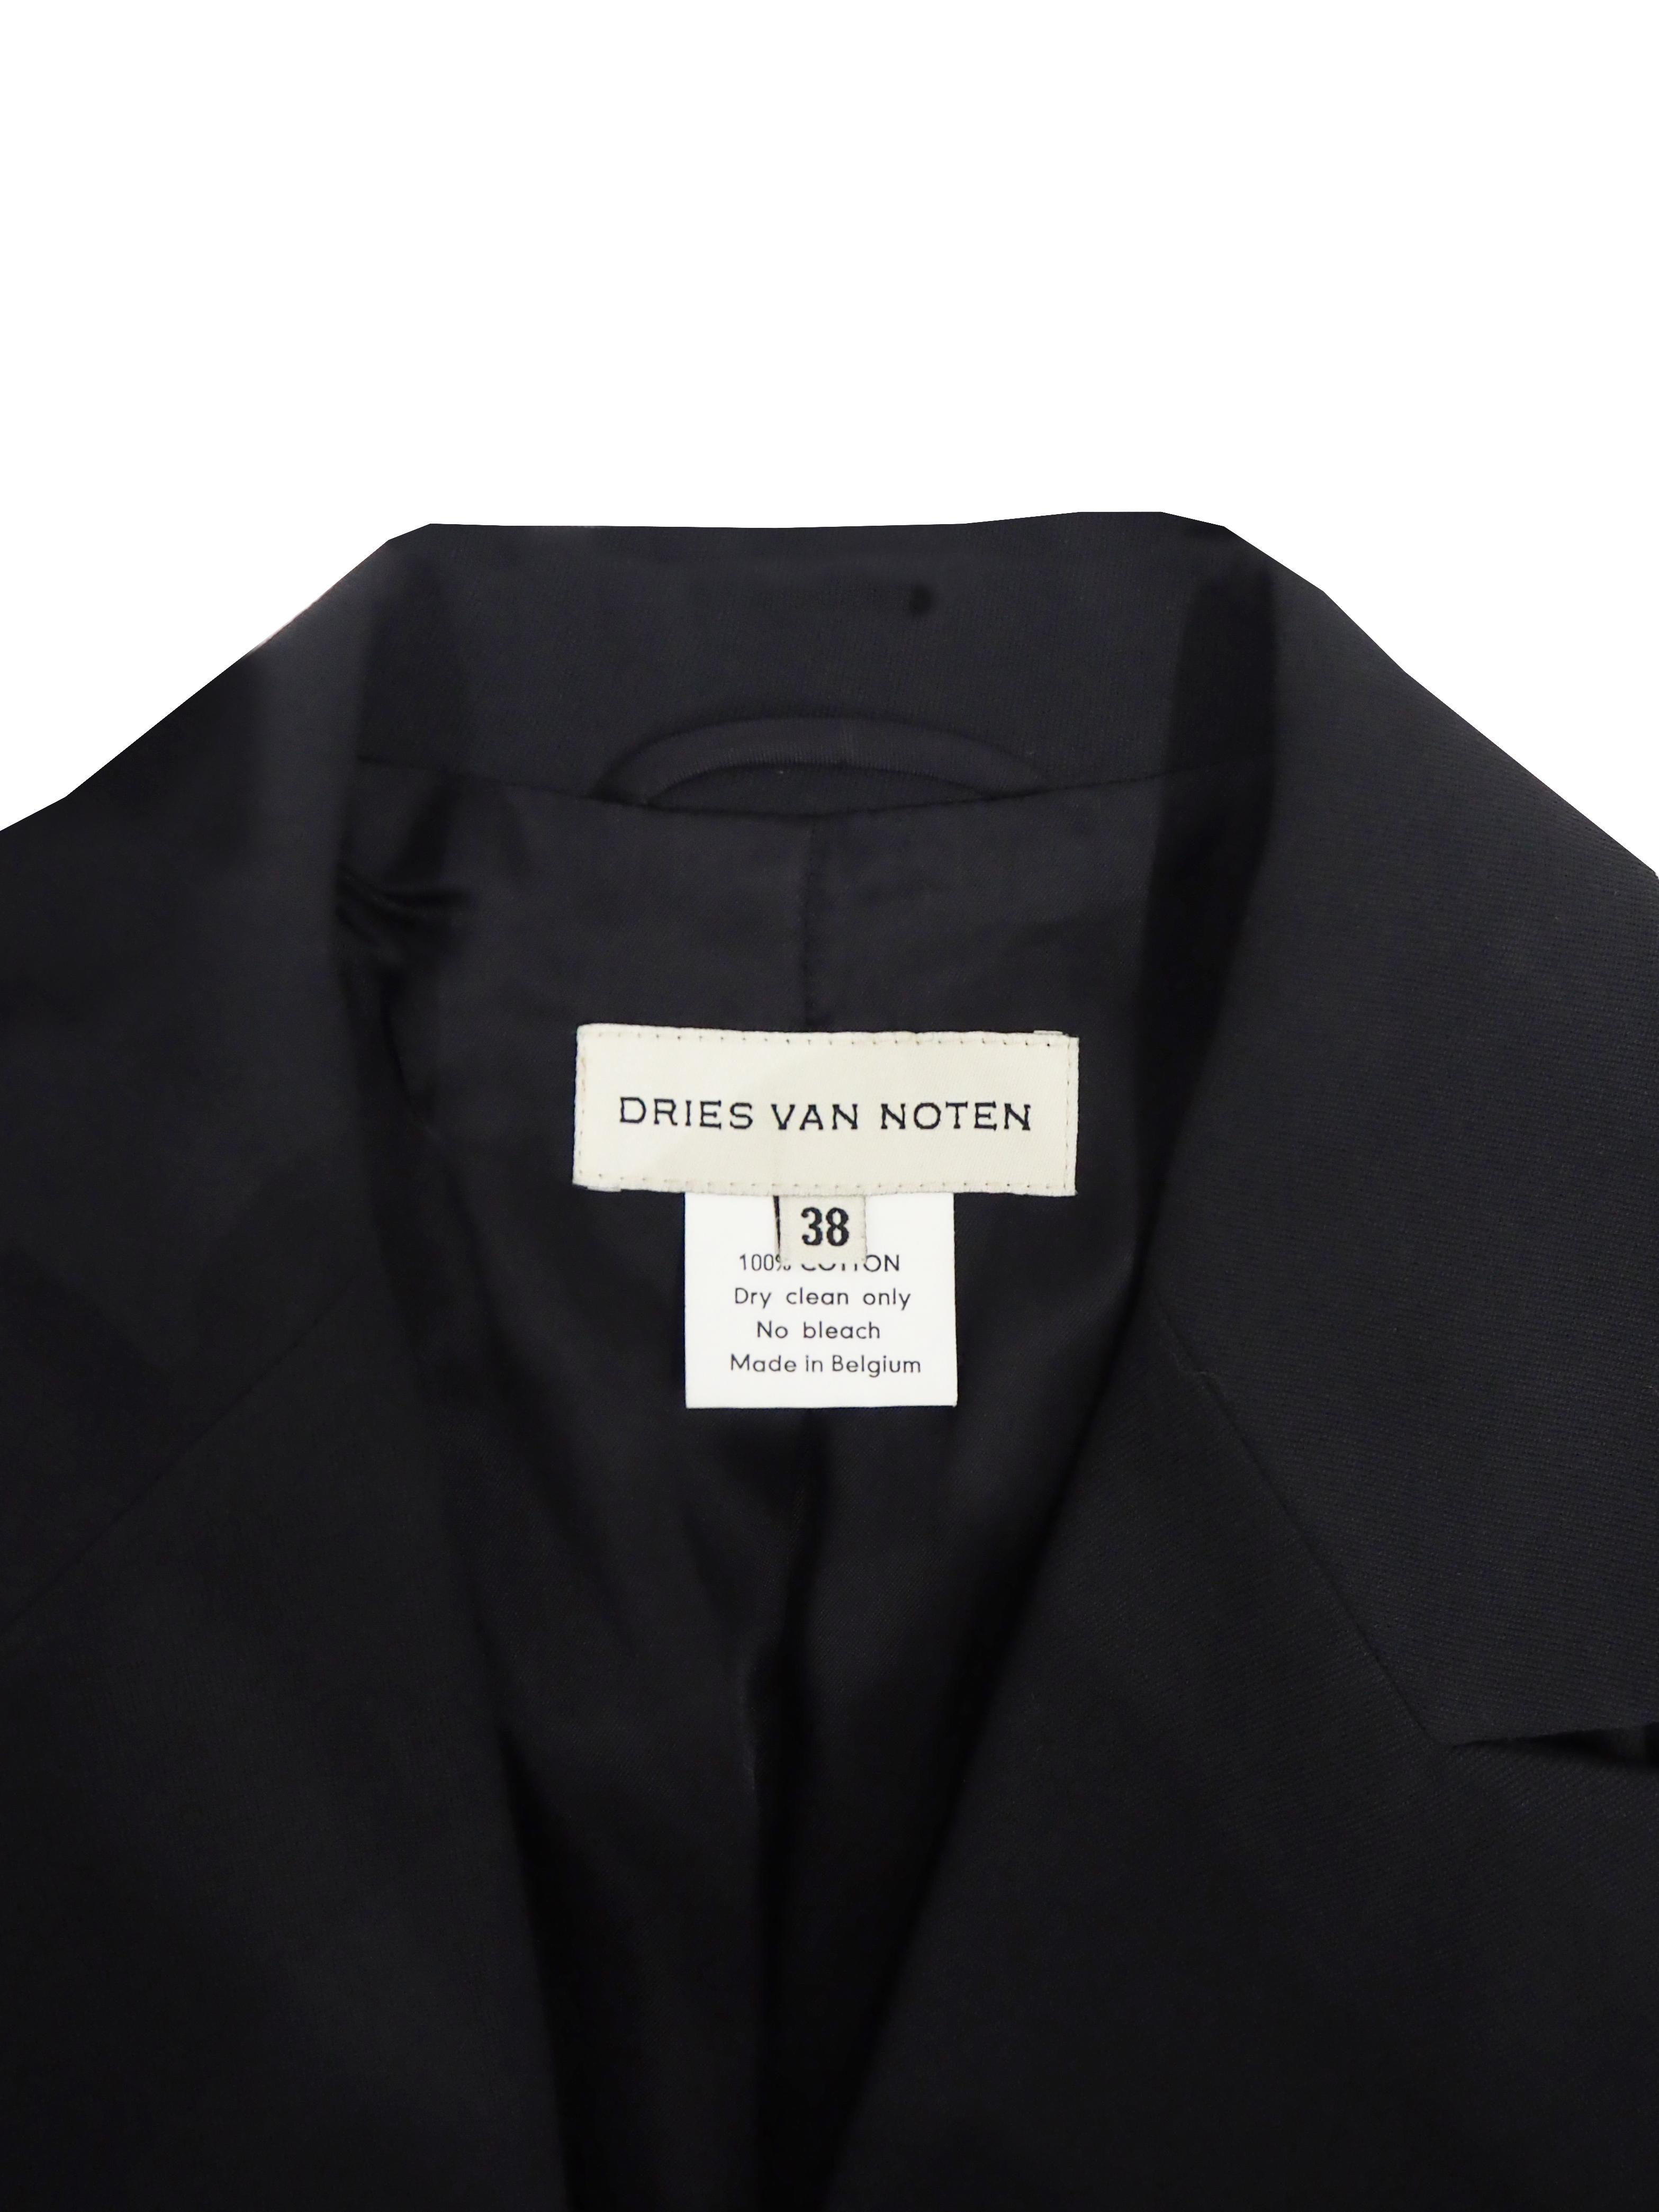 Early 2000s Dries Van Noten